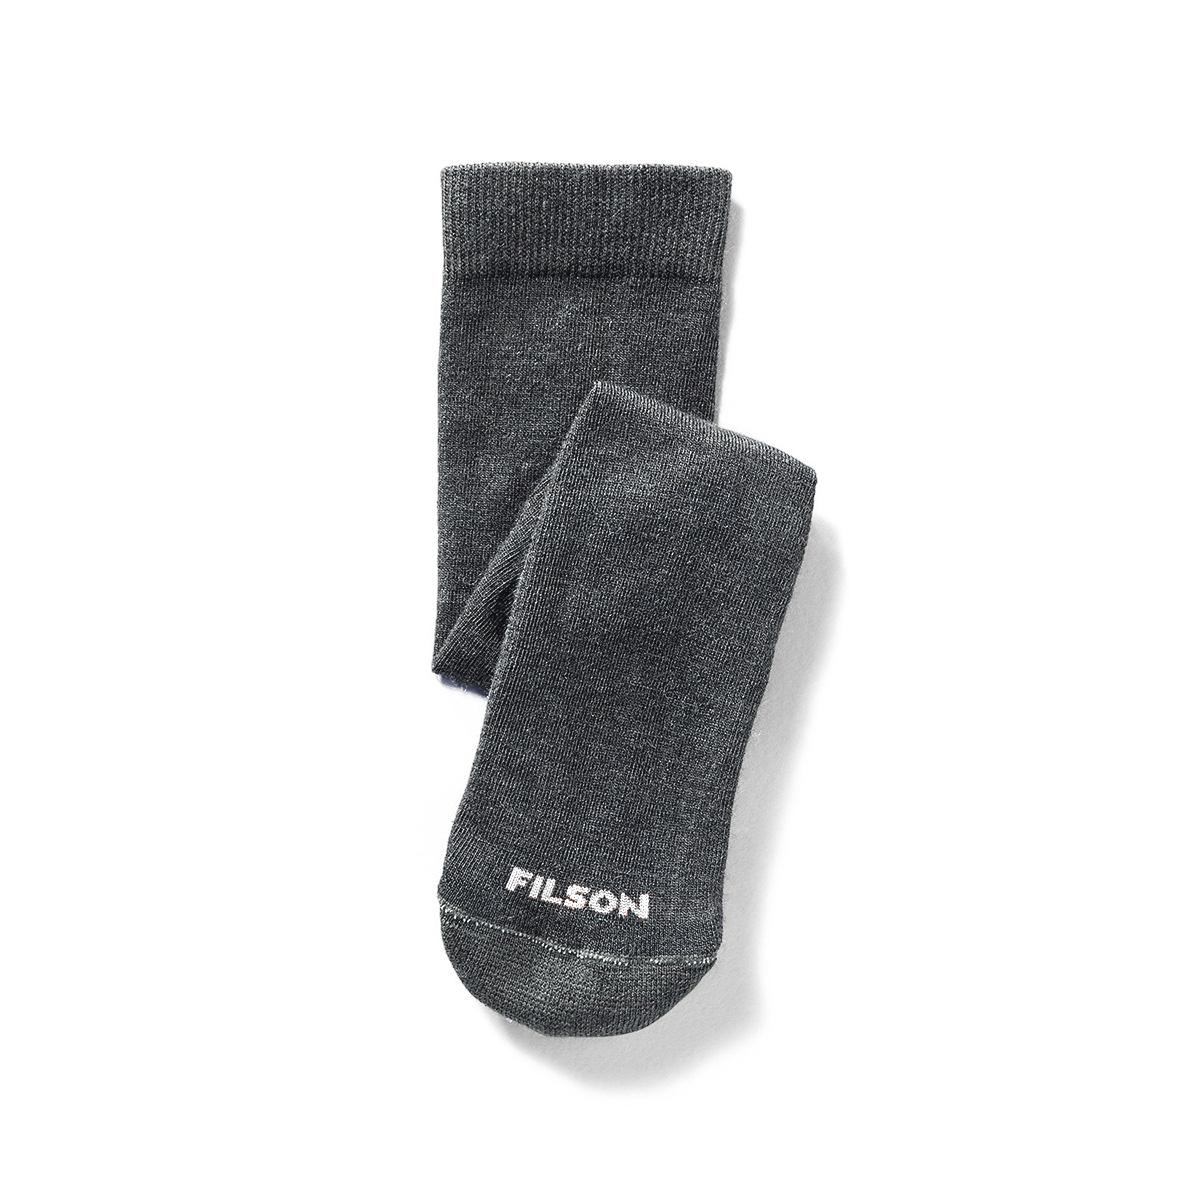 Filson Everyday Crew Sock Charcoal, veelzijdige sokken met medium polstering gemaakt van een merinowolmix